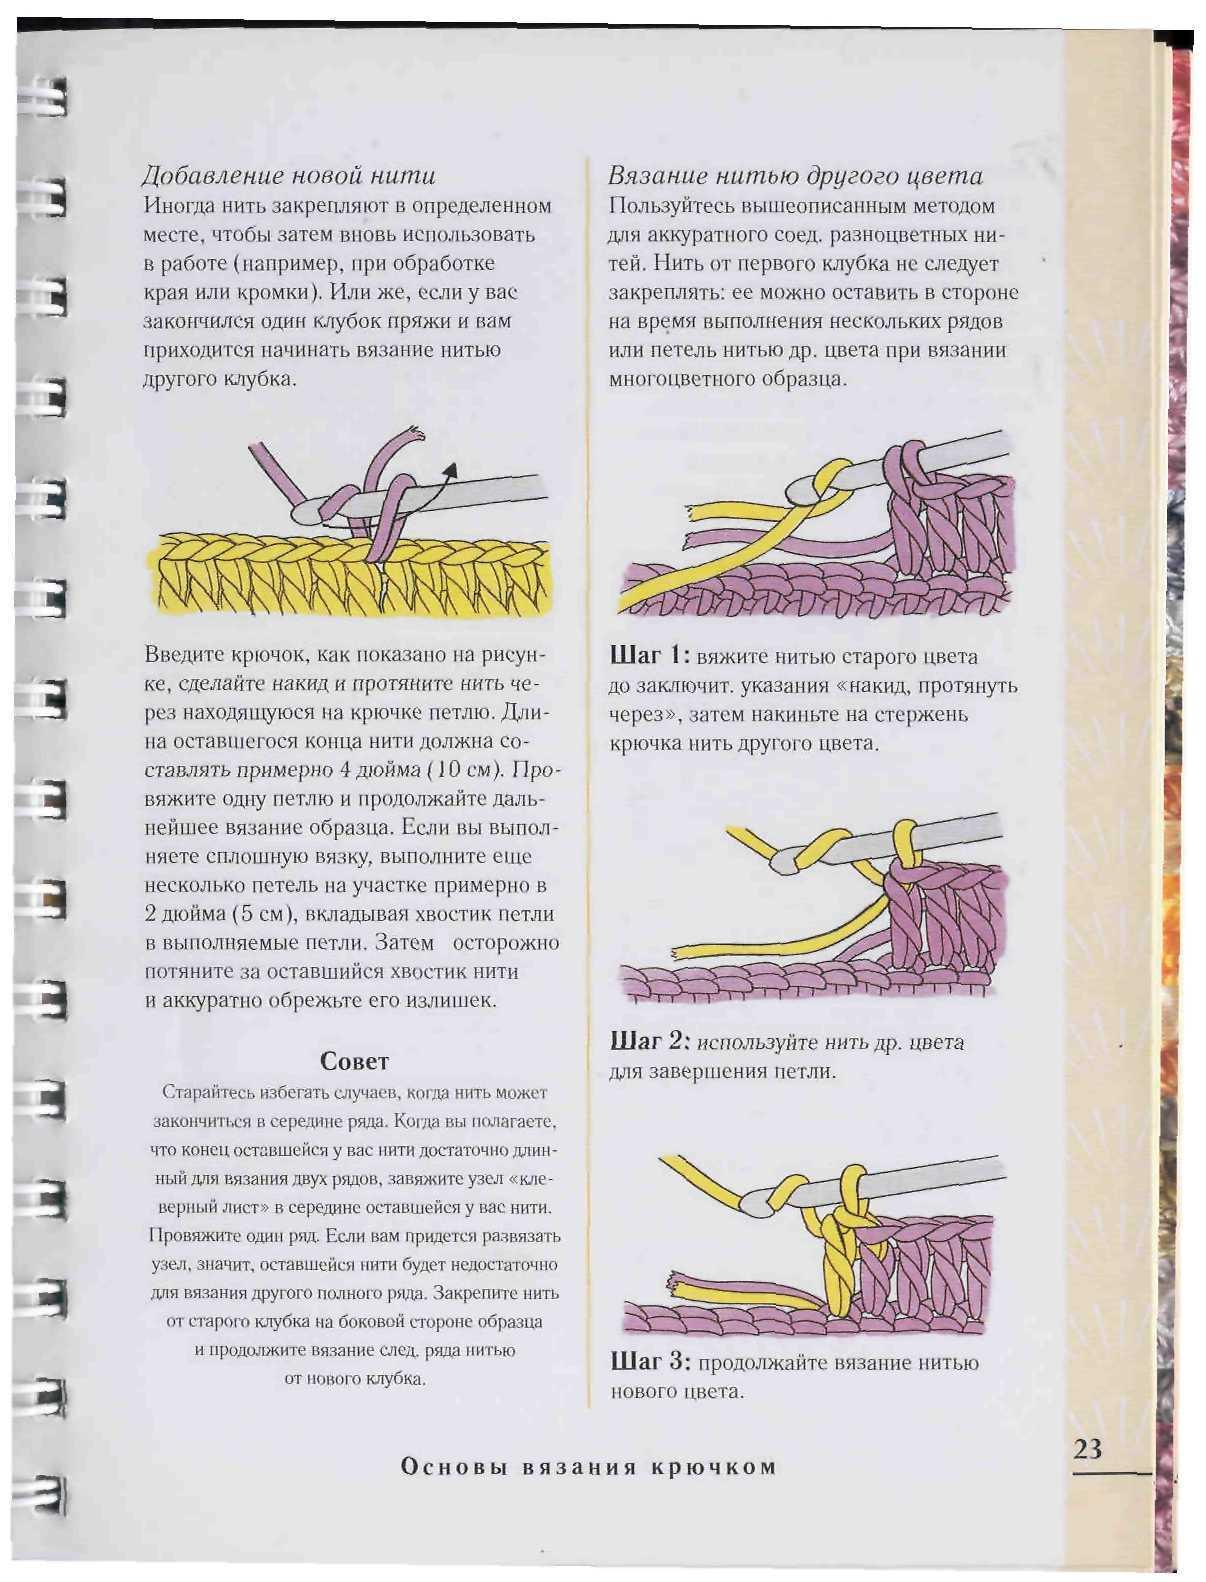 Как закреплять нить при вязании крючком? Областная газета 86